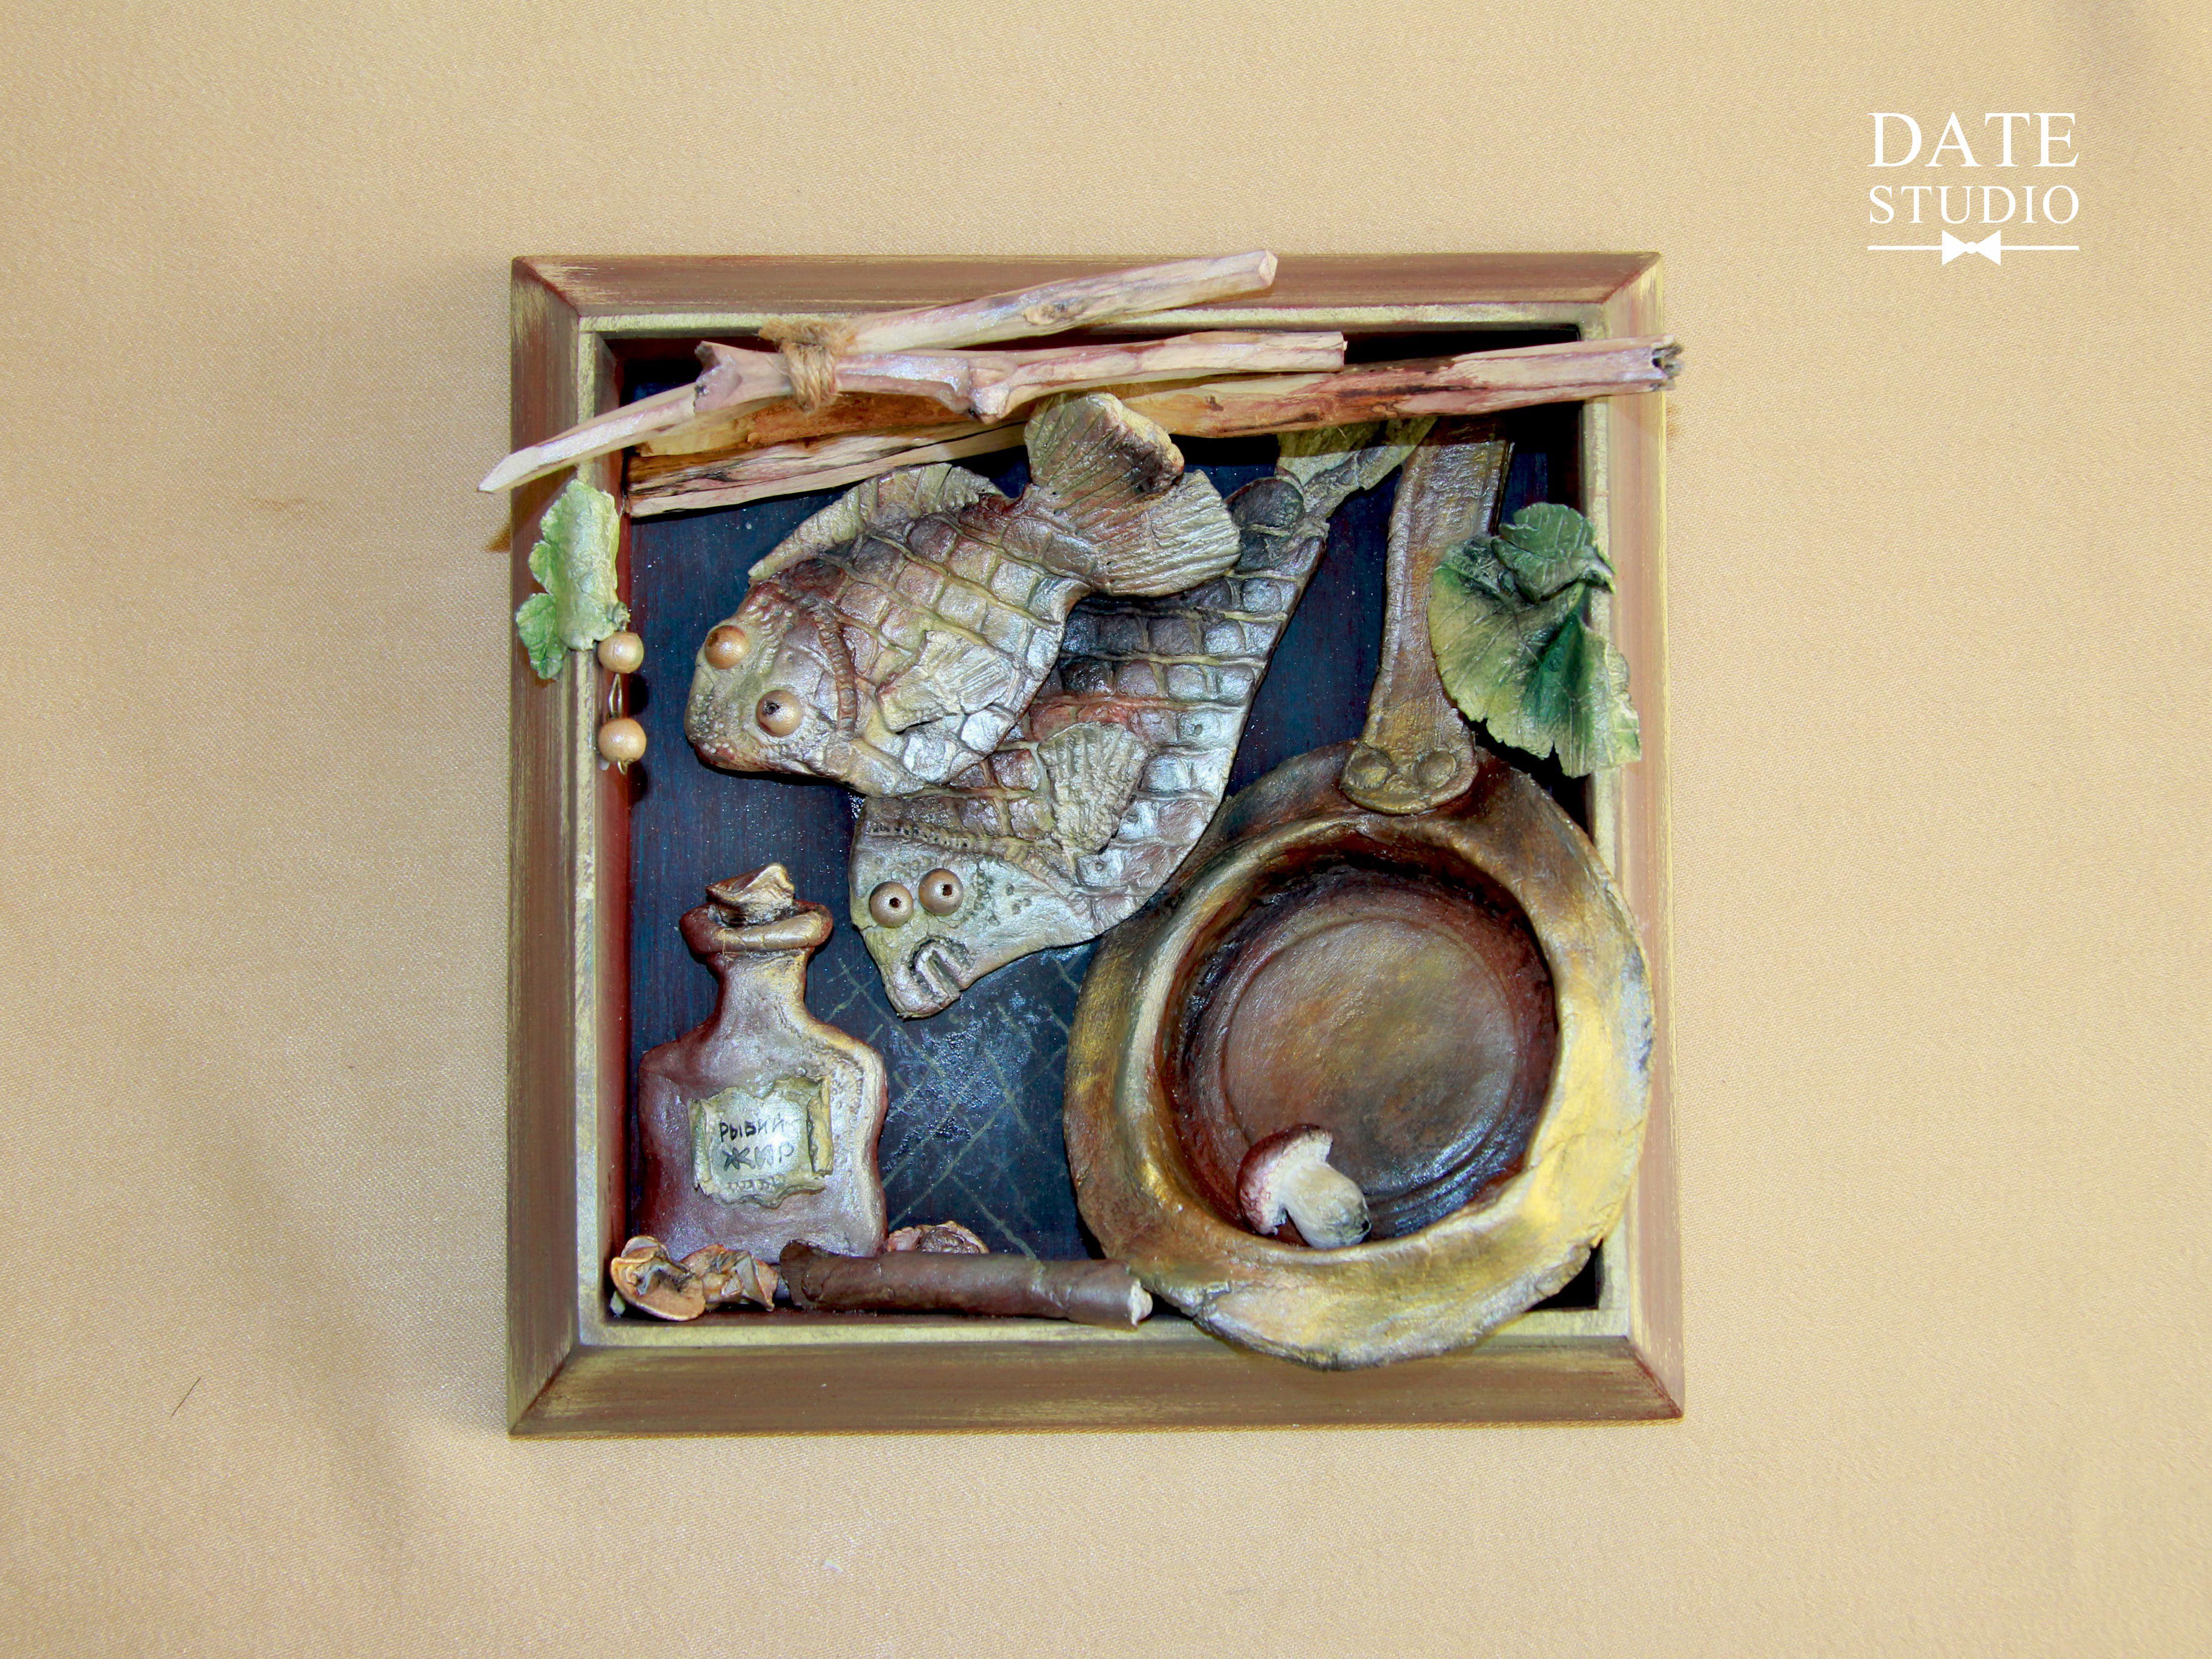 картины интерьер кухня декор подарок женщине